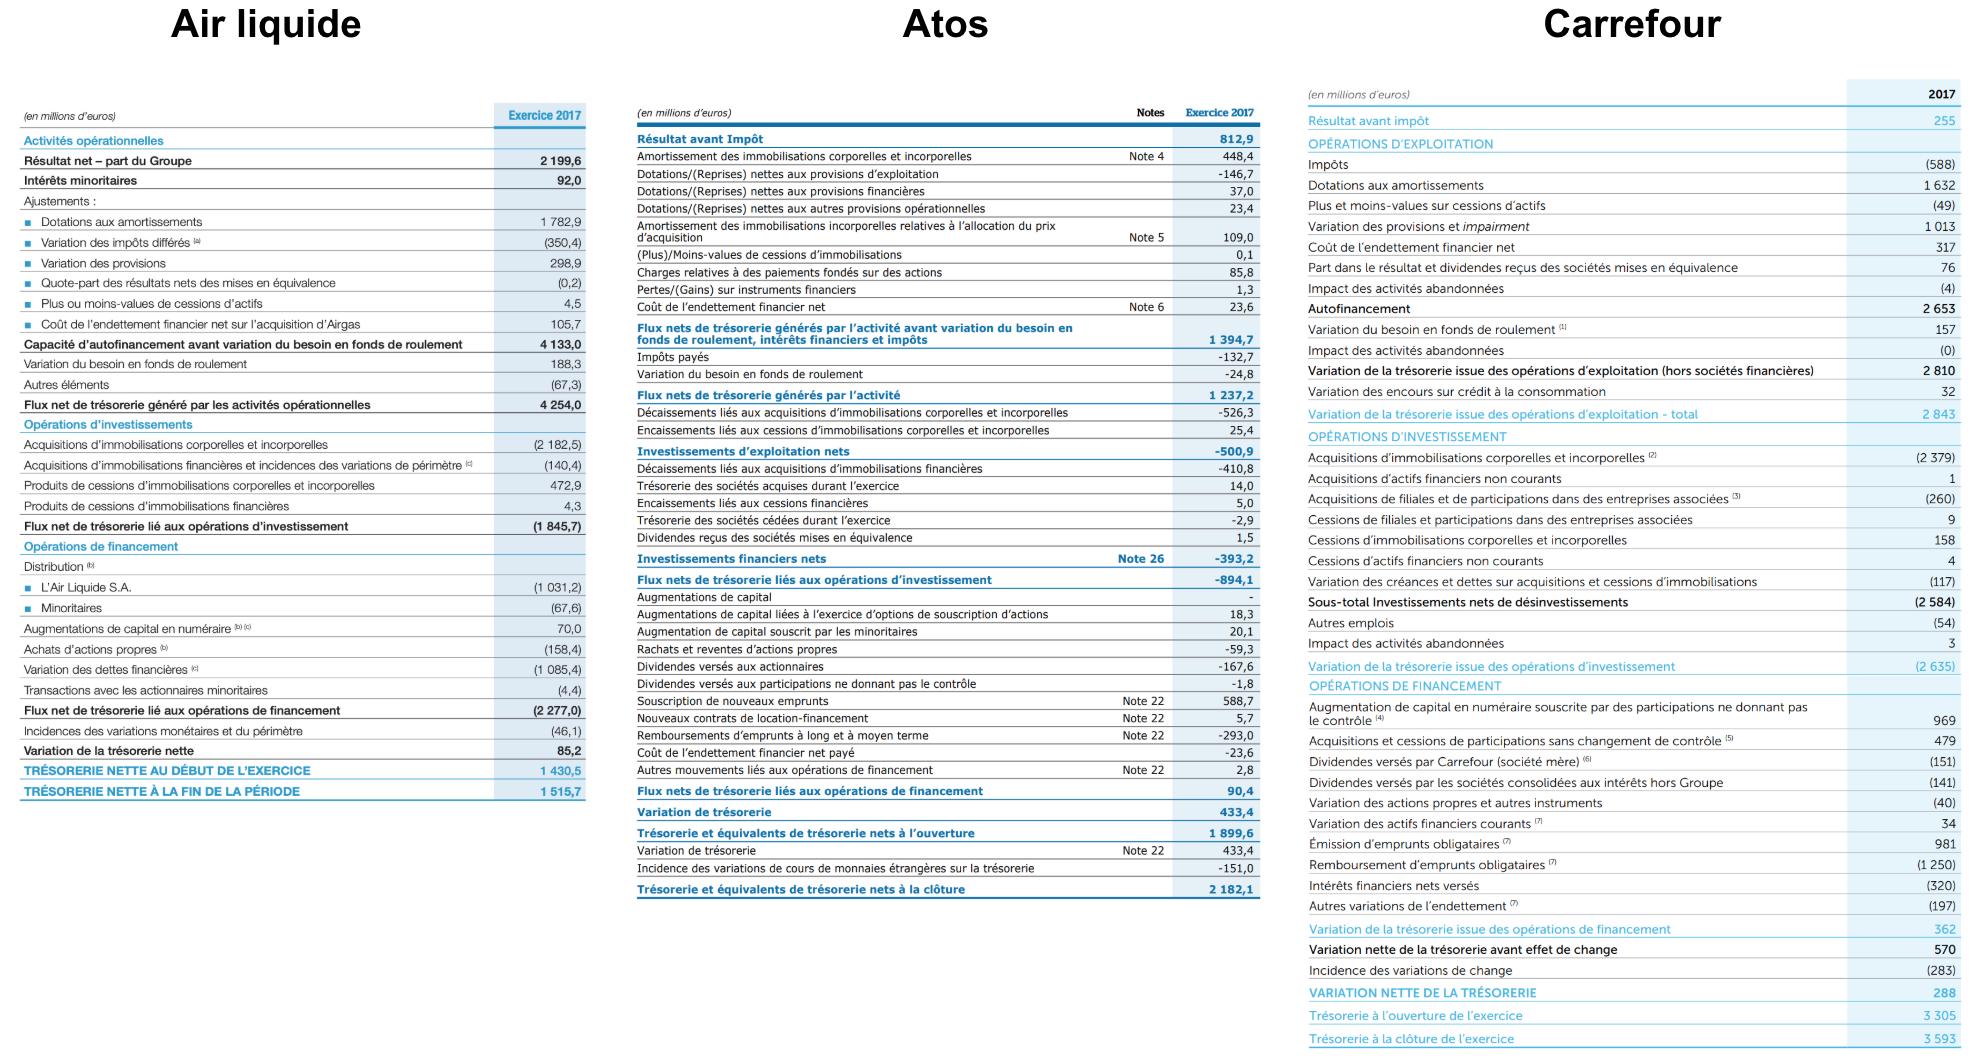 Cash-flow consolidés d'une entreprise de service (Atos), d'une entreprise de distribution (Carrfour) et d'une société industrielle (Air Liquide).